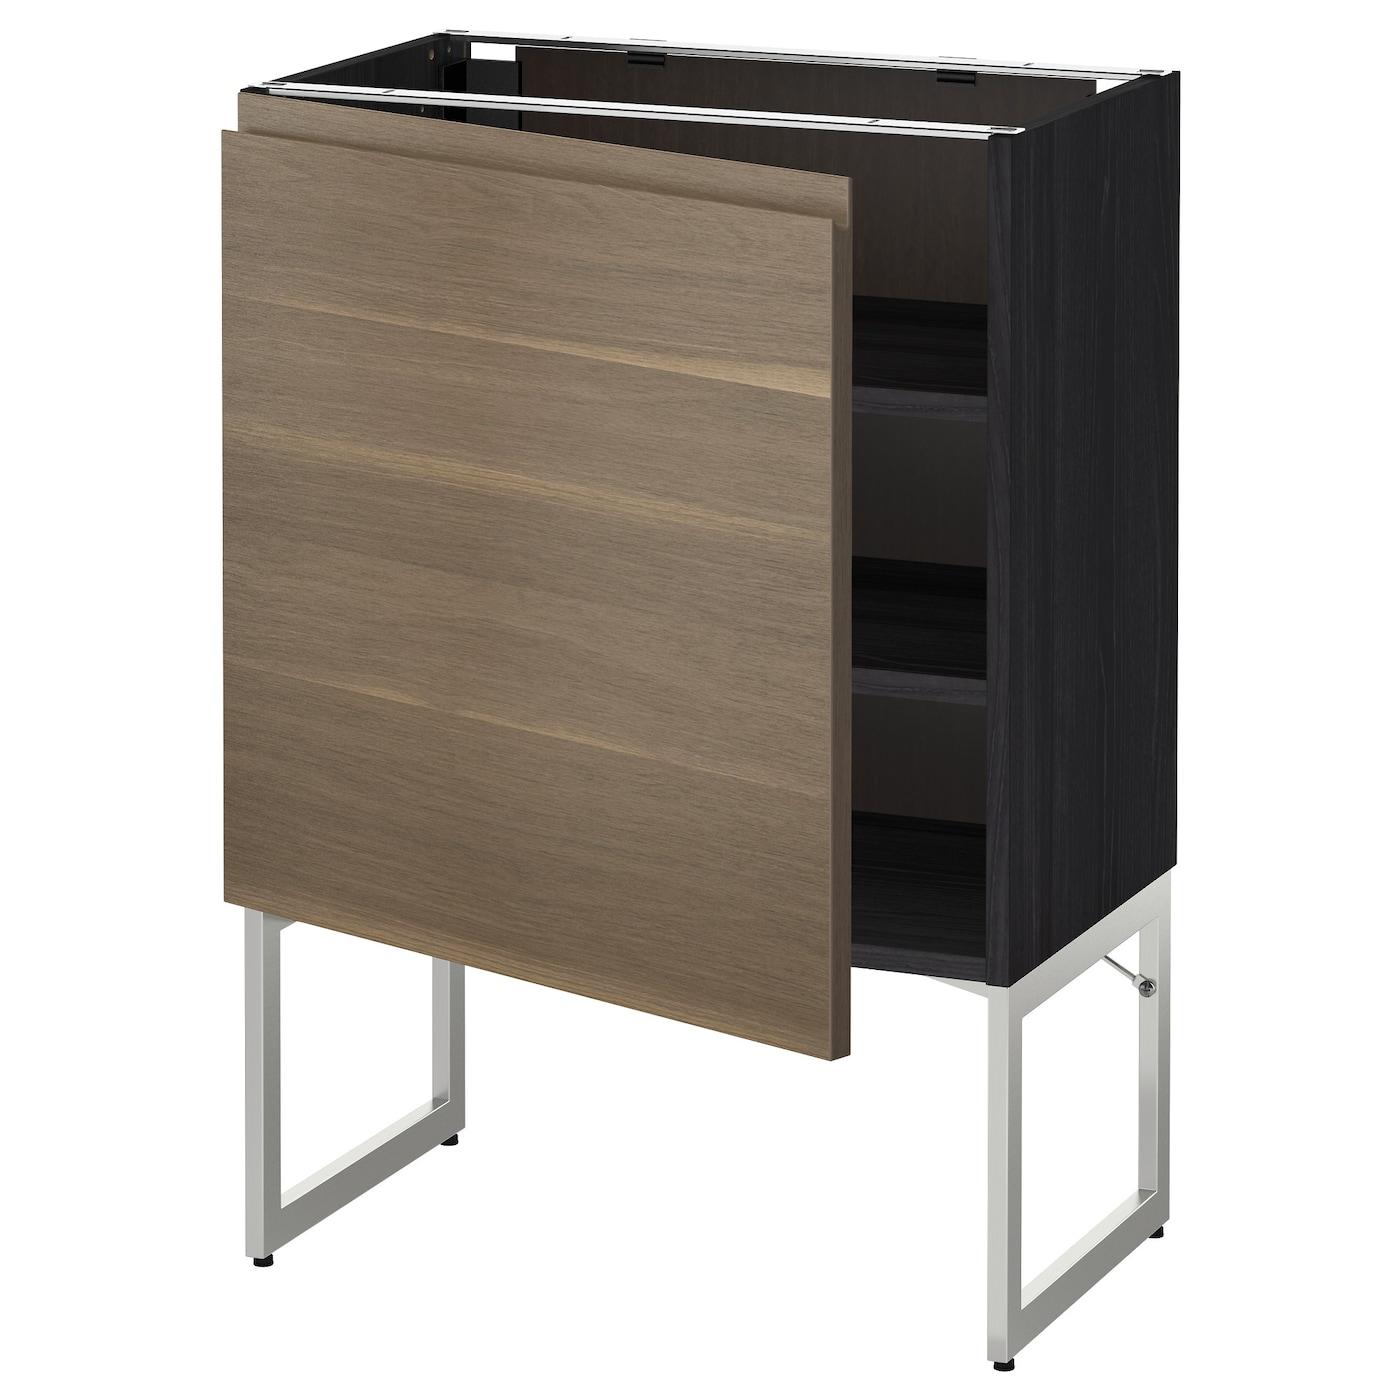 Metod base cabinet with shelves black voxtorp walnut for Black kitchen base cabinets